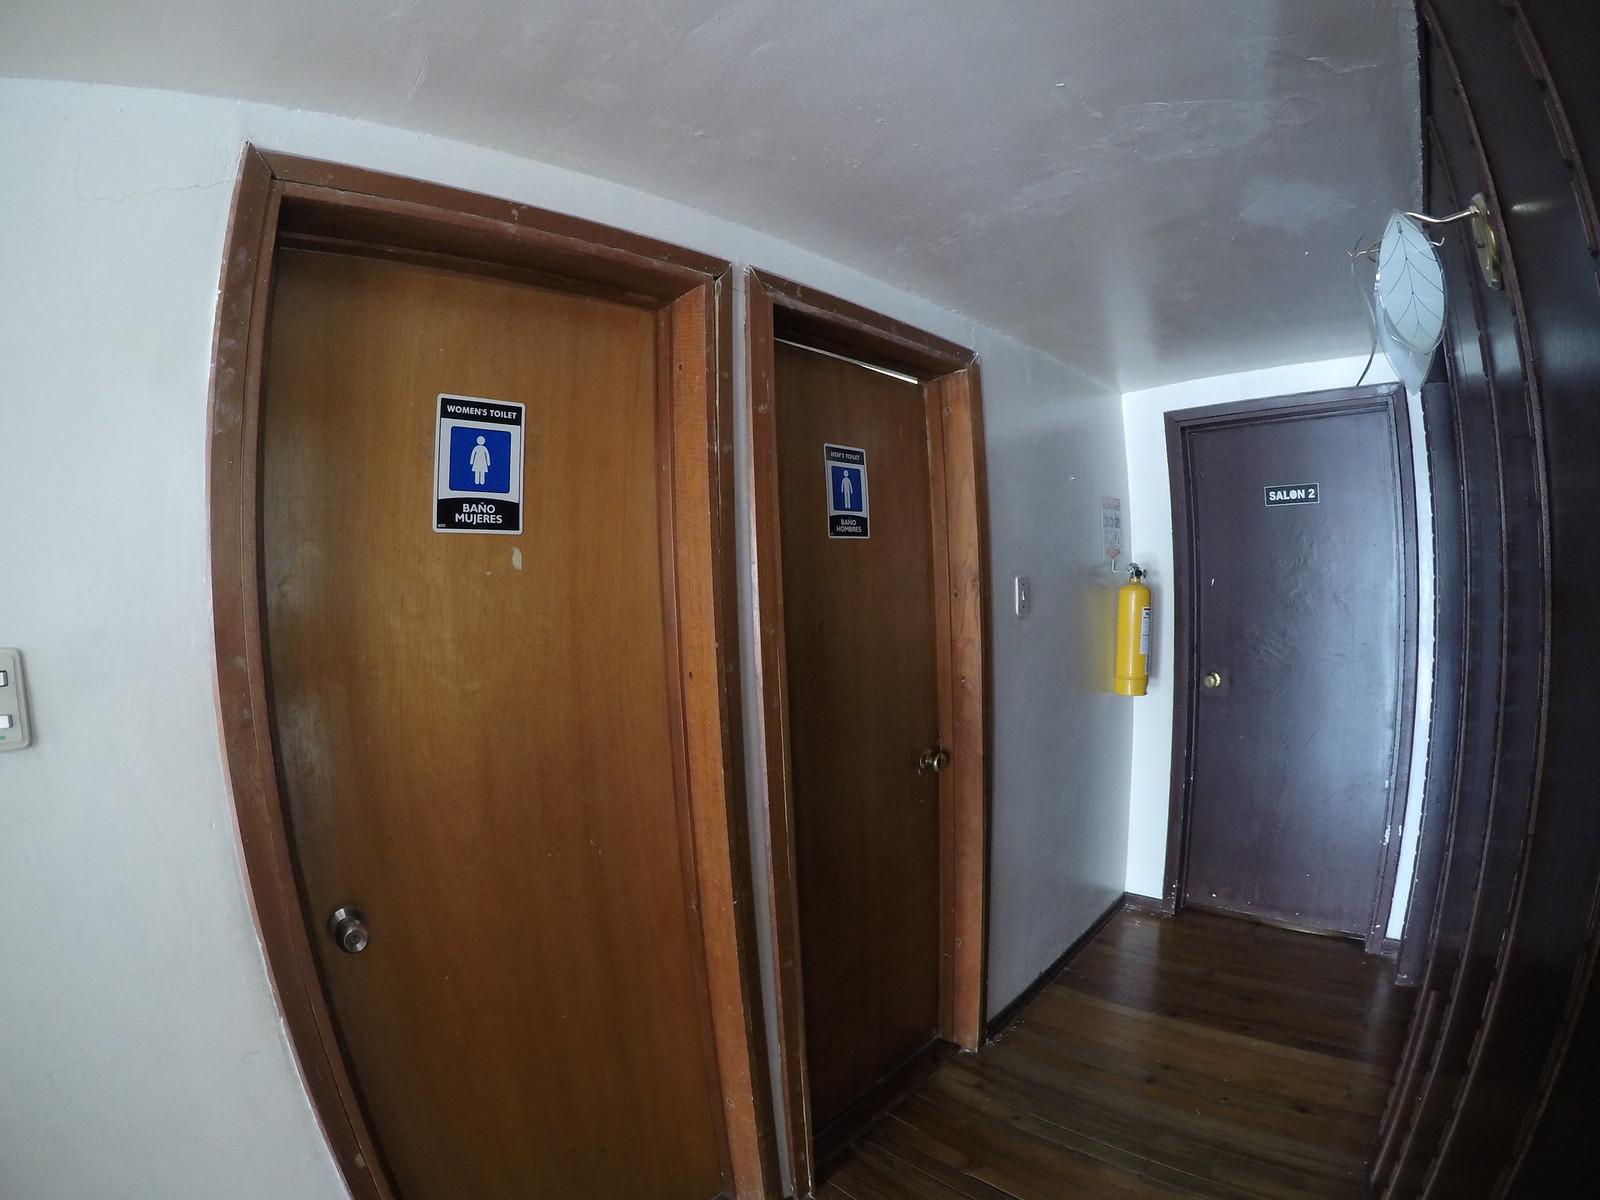 Espacio para alquilar – Baños mujeres y hombres 2do piso